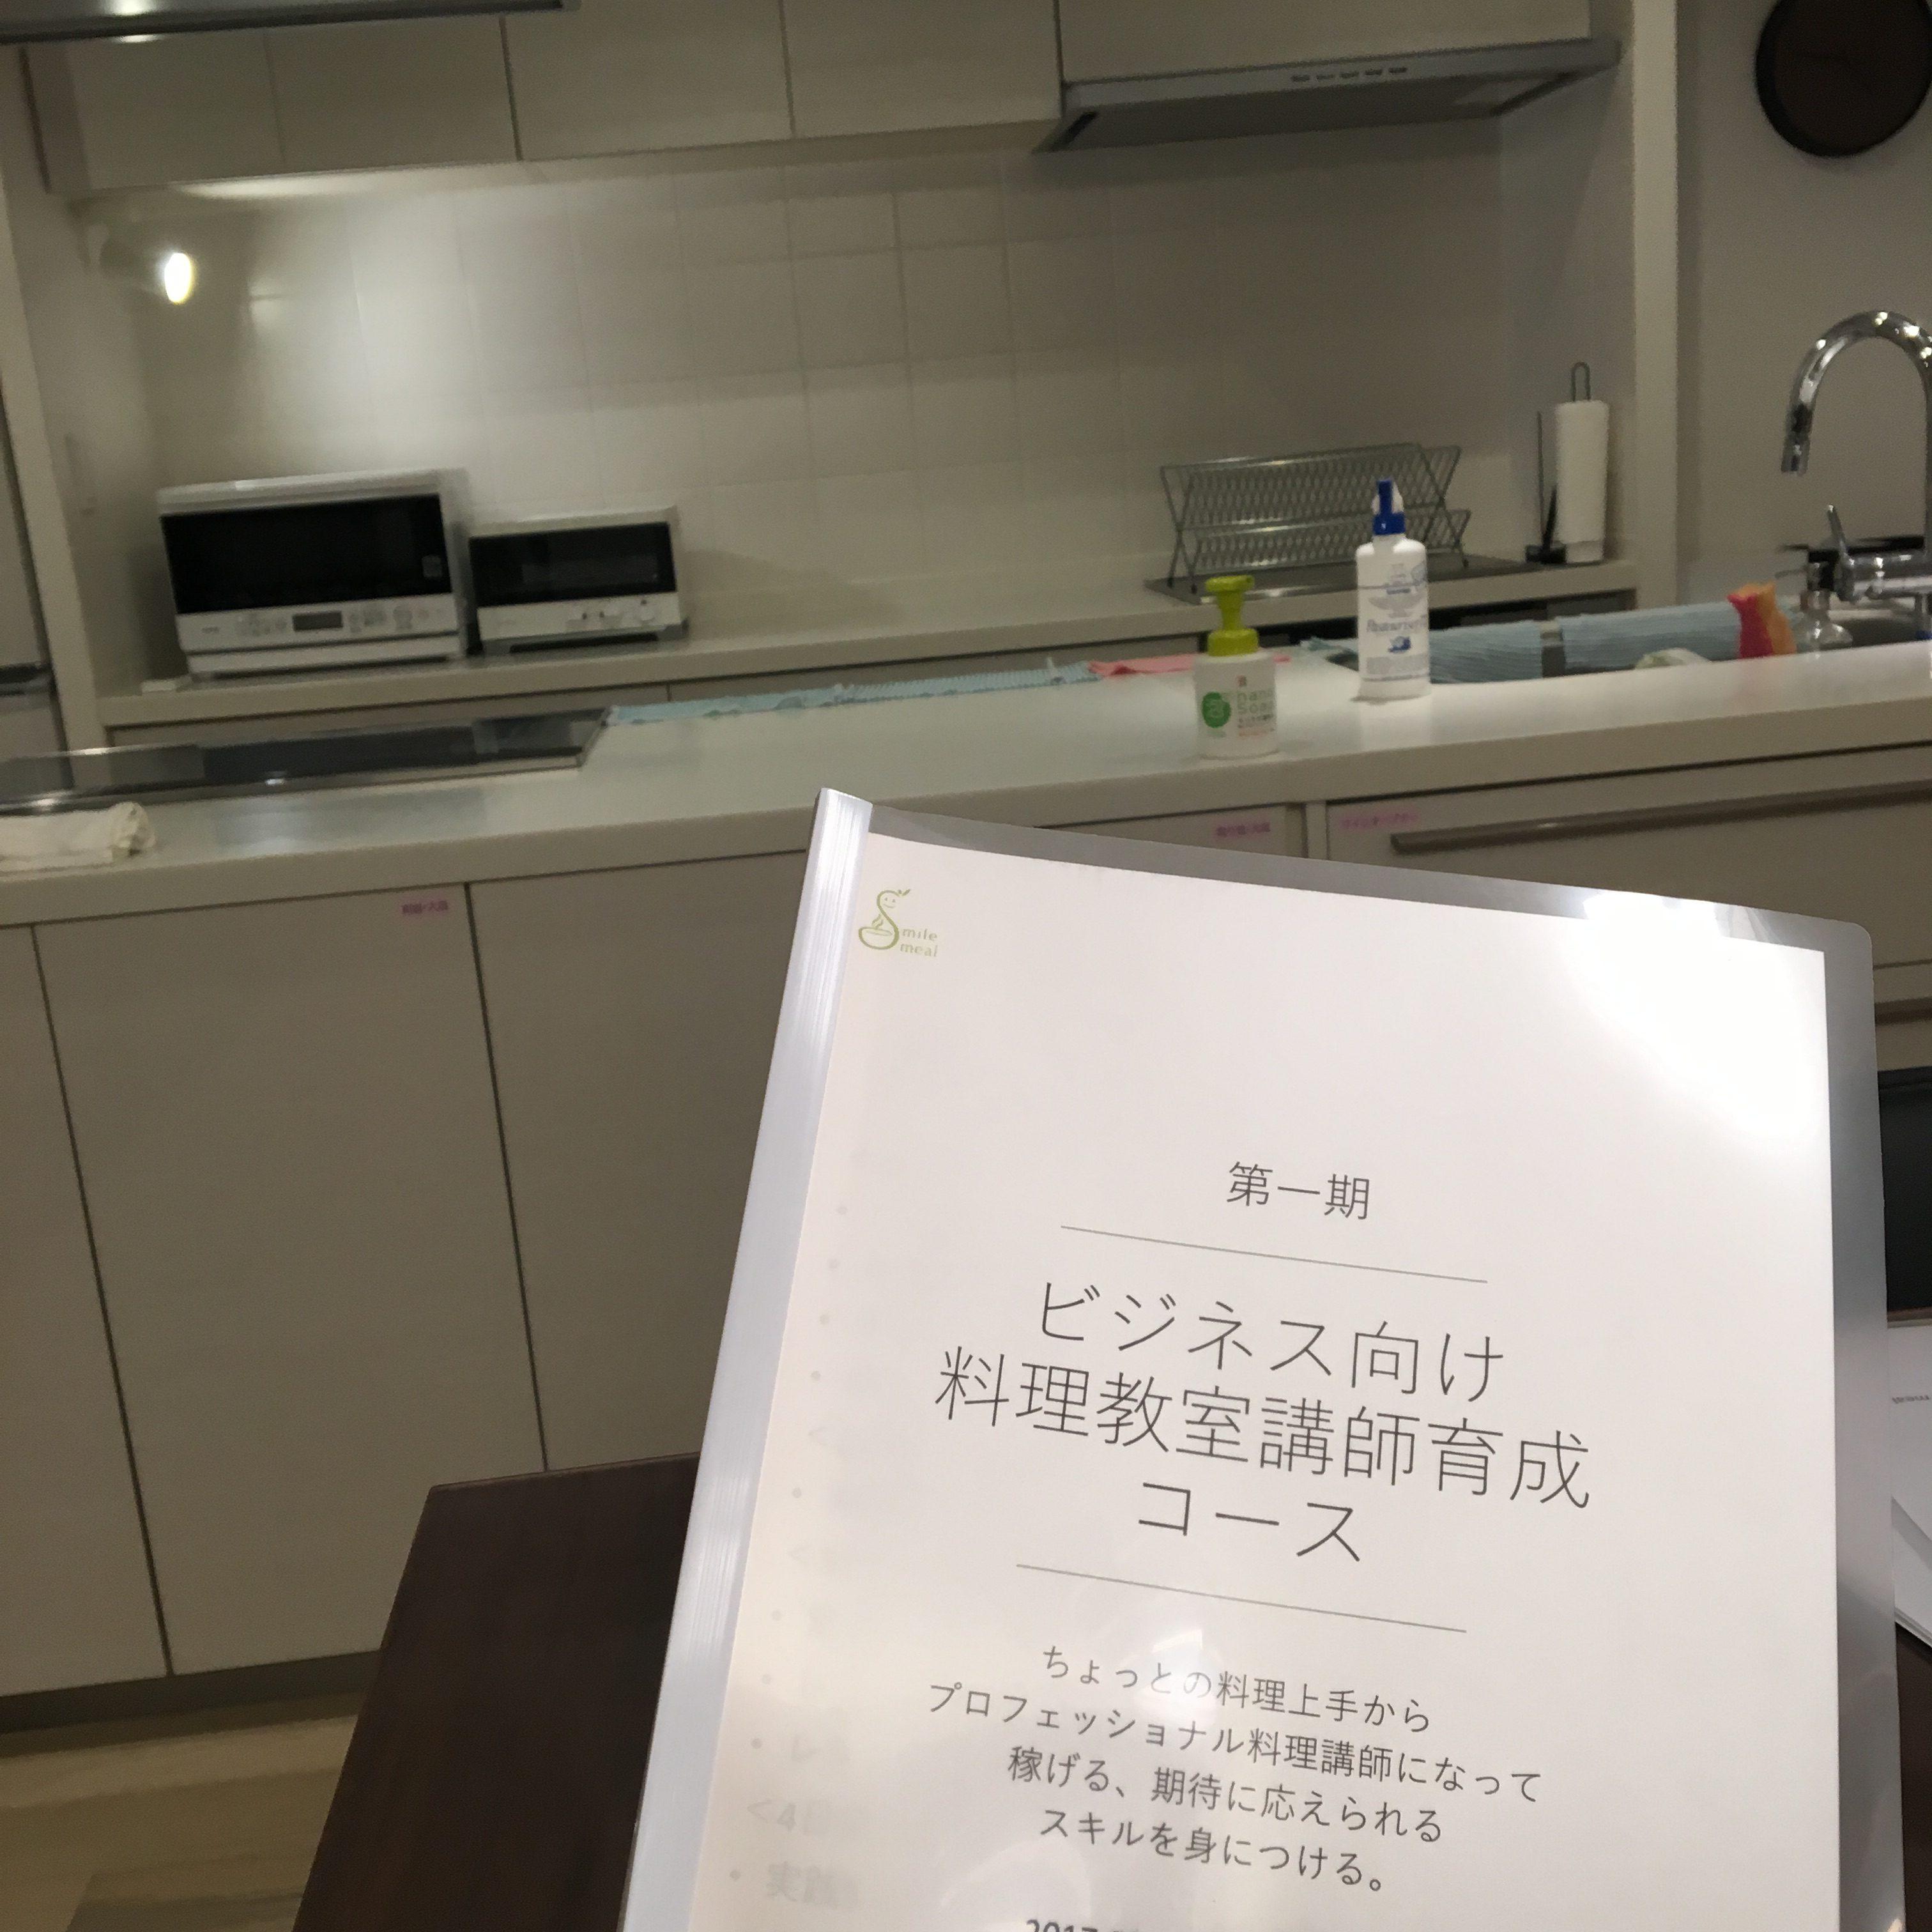 第一期プロフェッショナル料理講師育成講座2日目実践